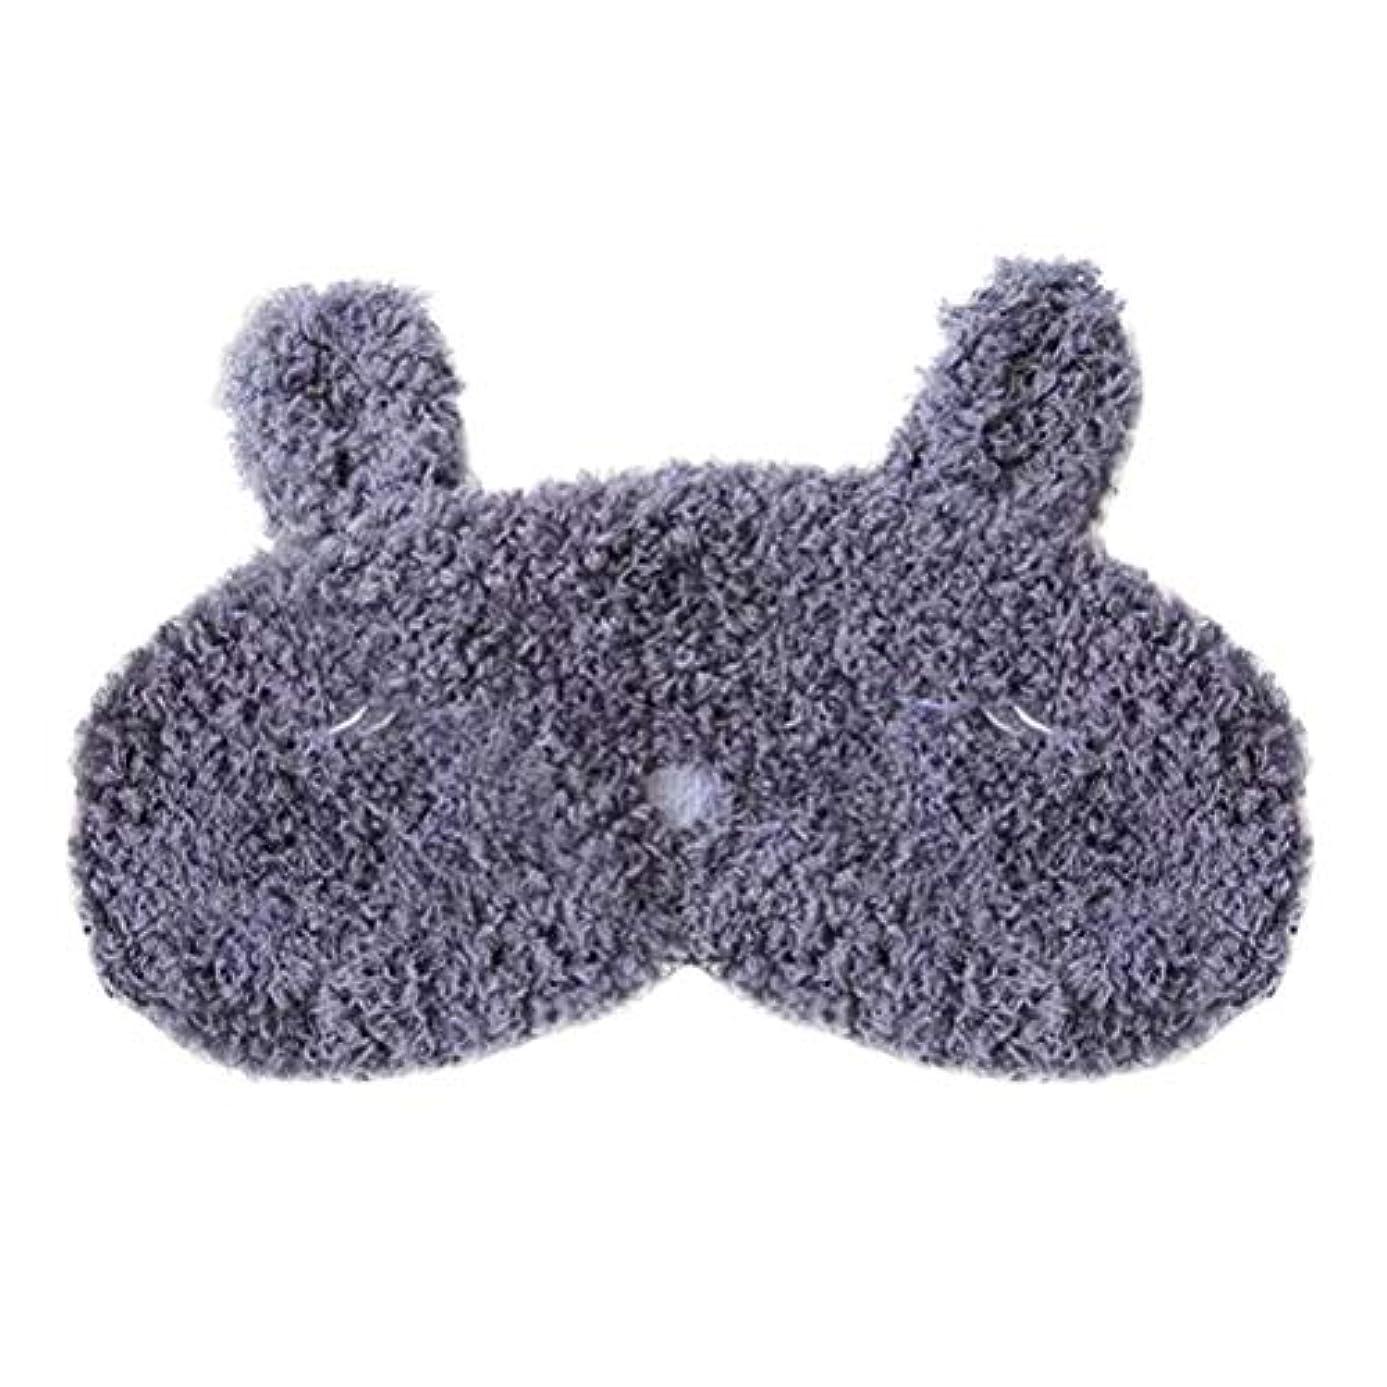 忍耐ブラケット春HEALIFTY かわいいアイマスクアイシェッドカーネーションアイマスクウサギのキャットアイパッチ(睡眠ニップ(ネイビー)